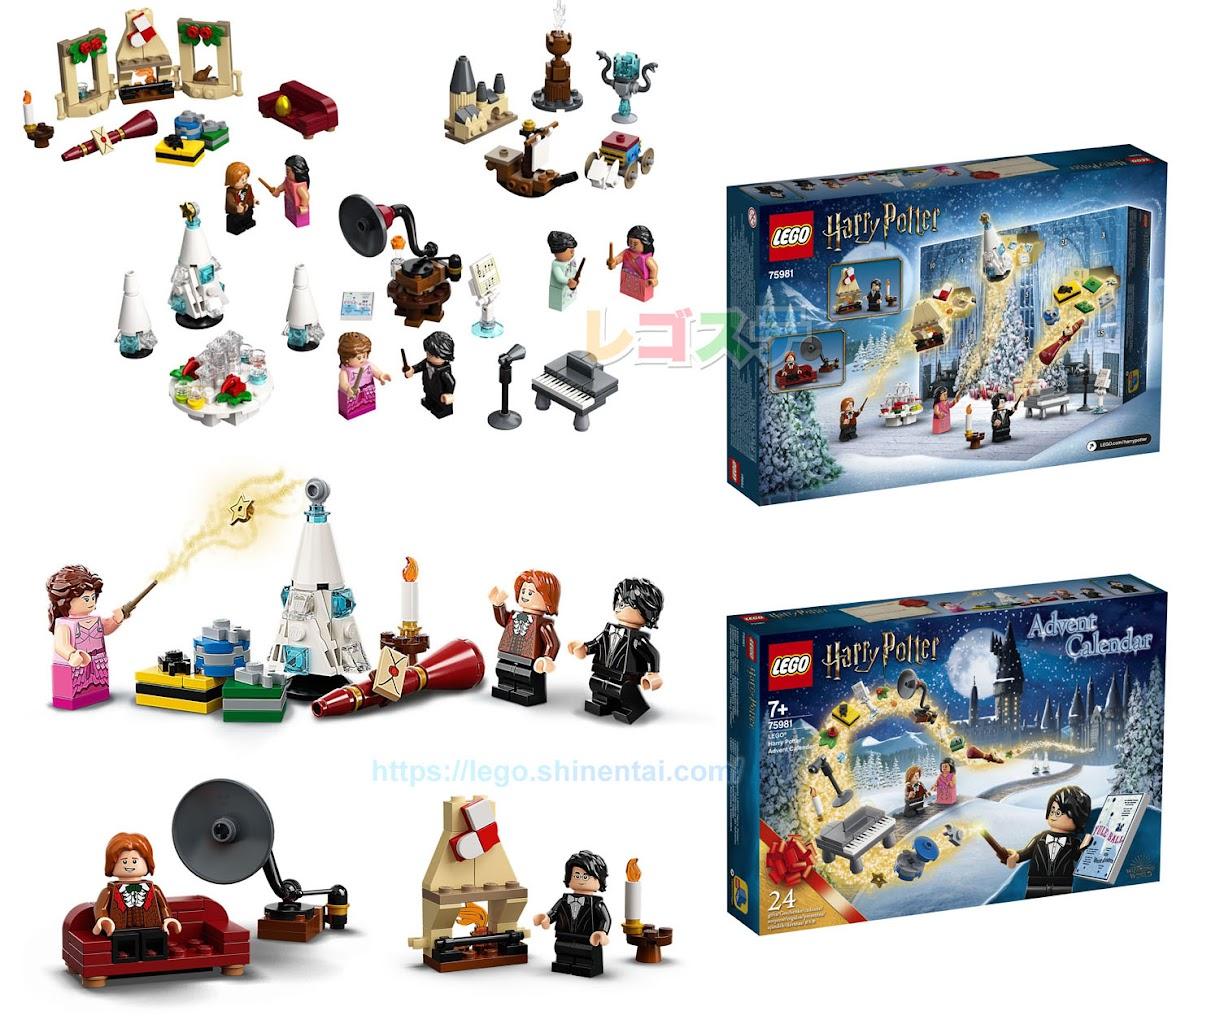 75981 ハリー・ポッター 2020 アドベントカレンダー:LEGO Harry Potter 2020 Advent Calendar